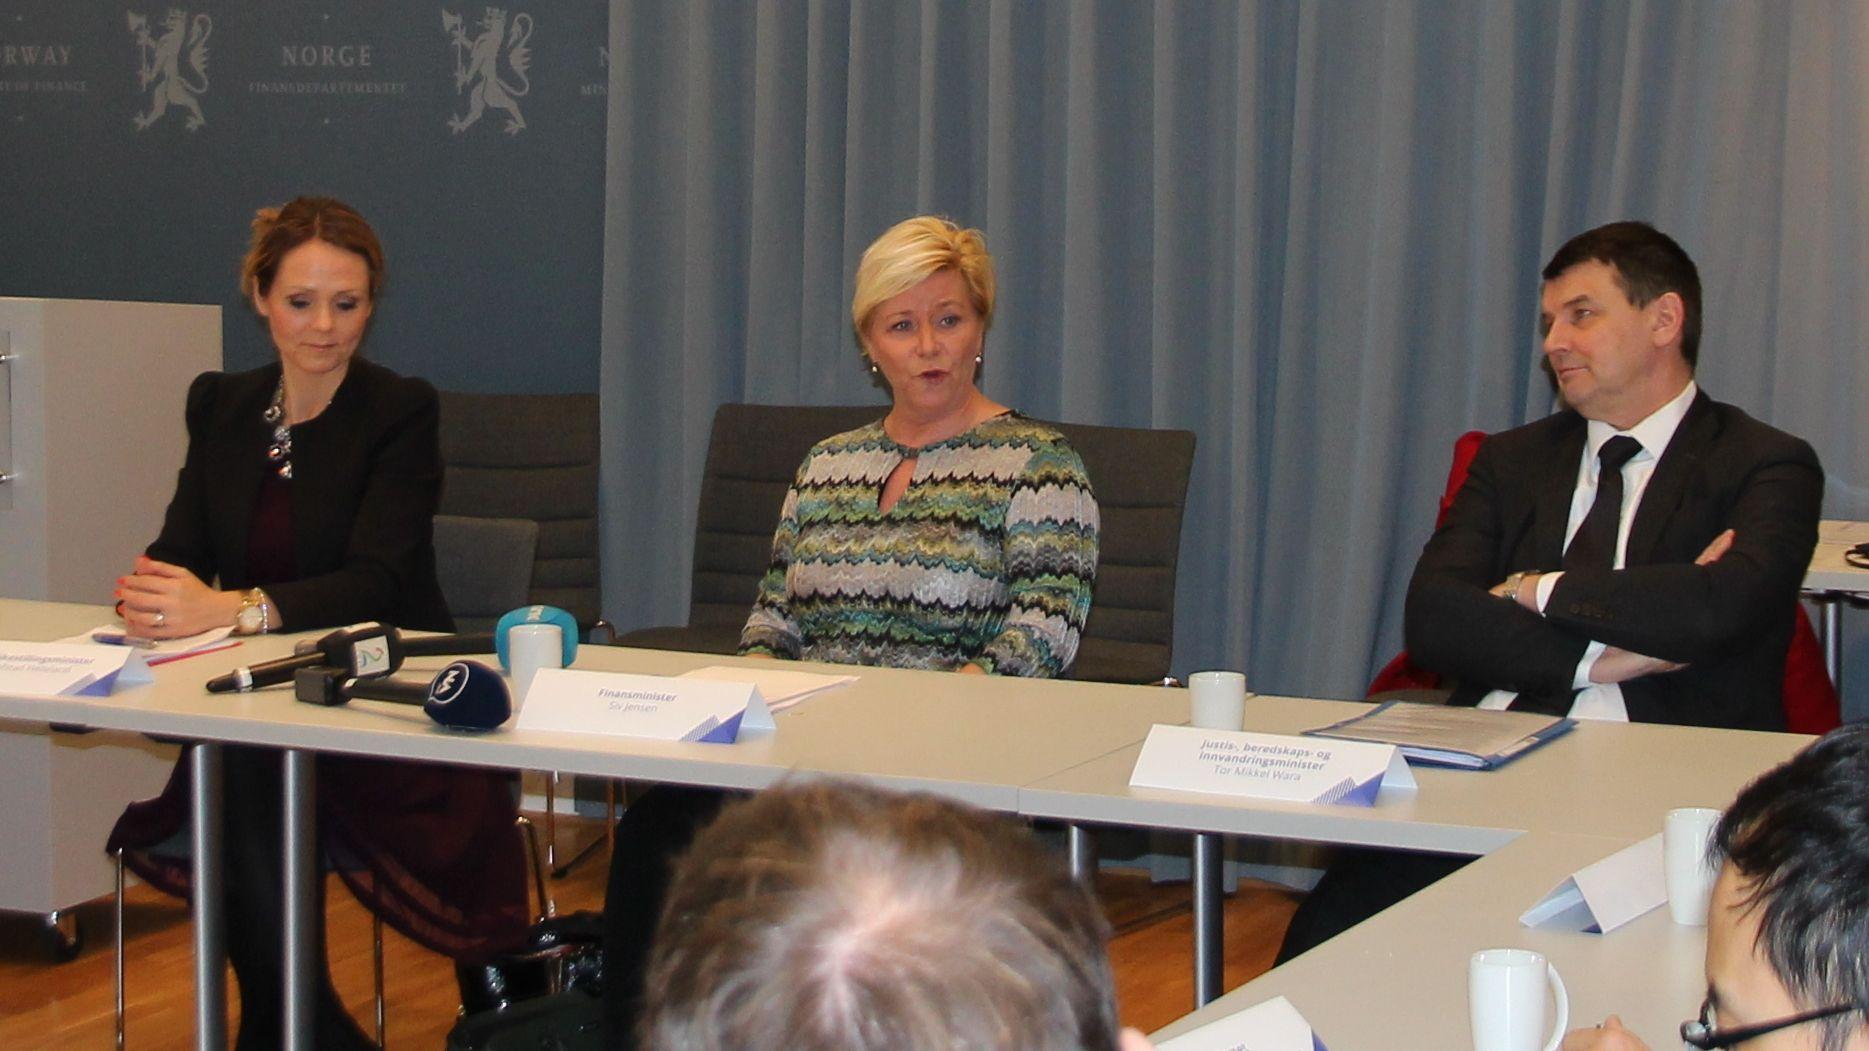 BEKYMRET FOR FORBRUKSLÅN: F.v. Likestillings- og forbrukerminister Linda Hofstad Helleland, finansminister Siv Jensen og justis-, beredskaps- og innvandringsminister Tor Mikkel Wara.